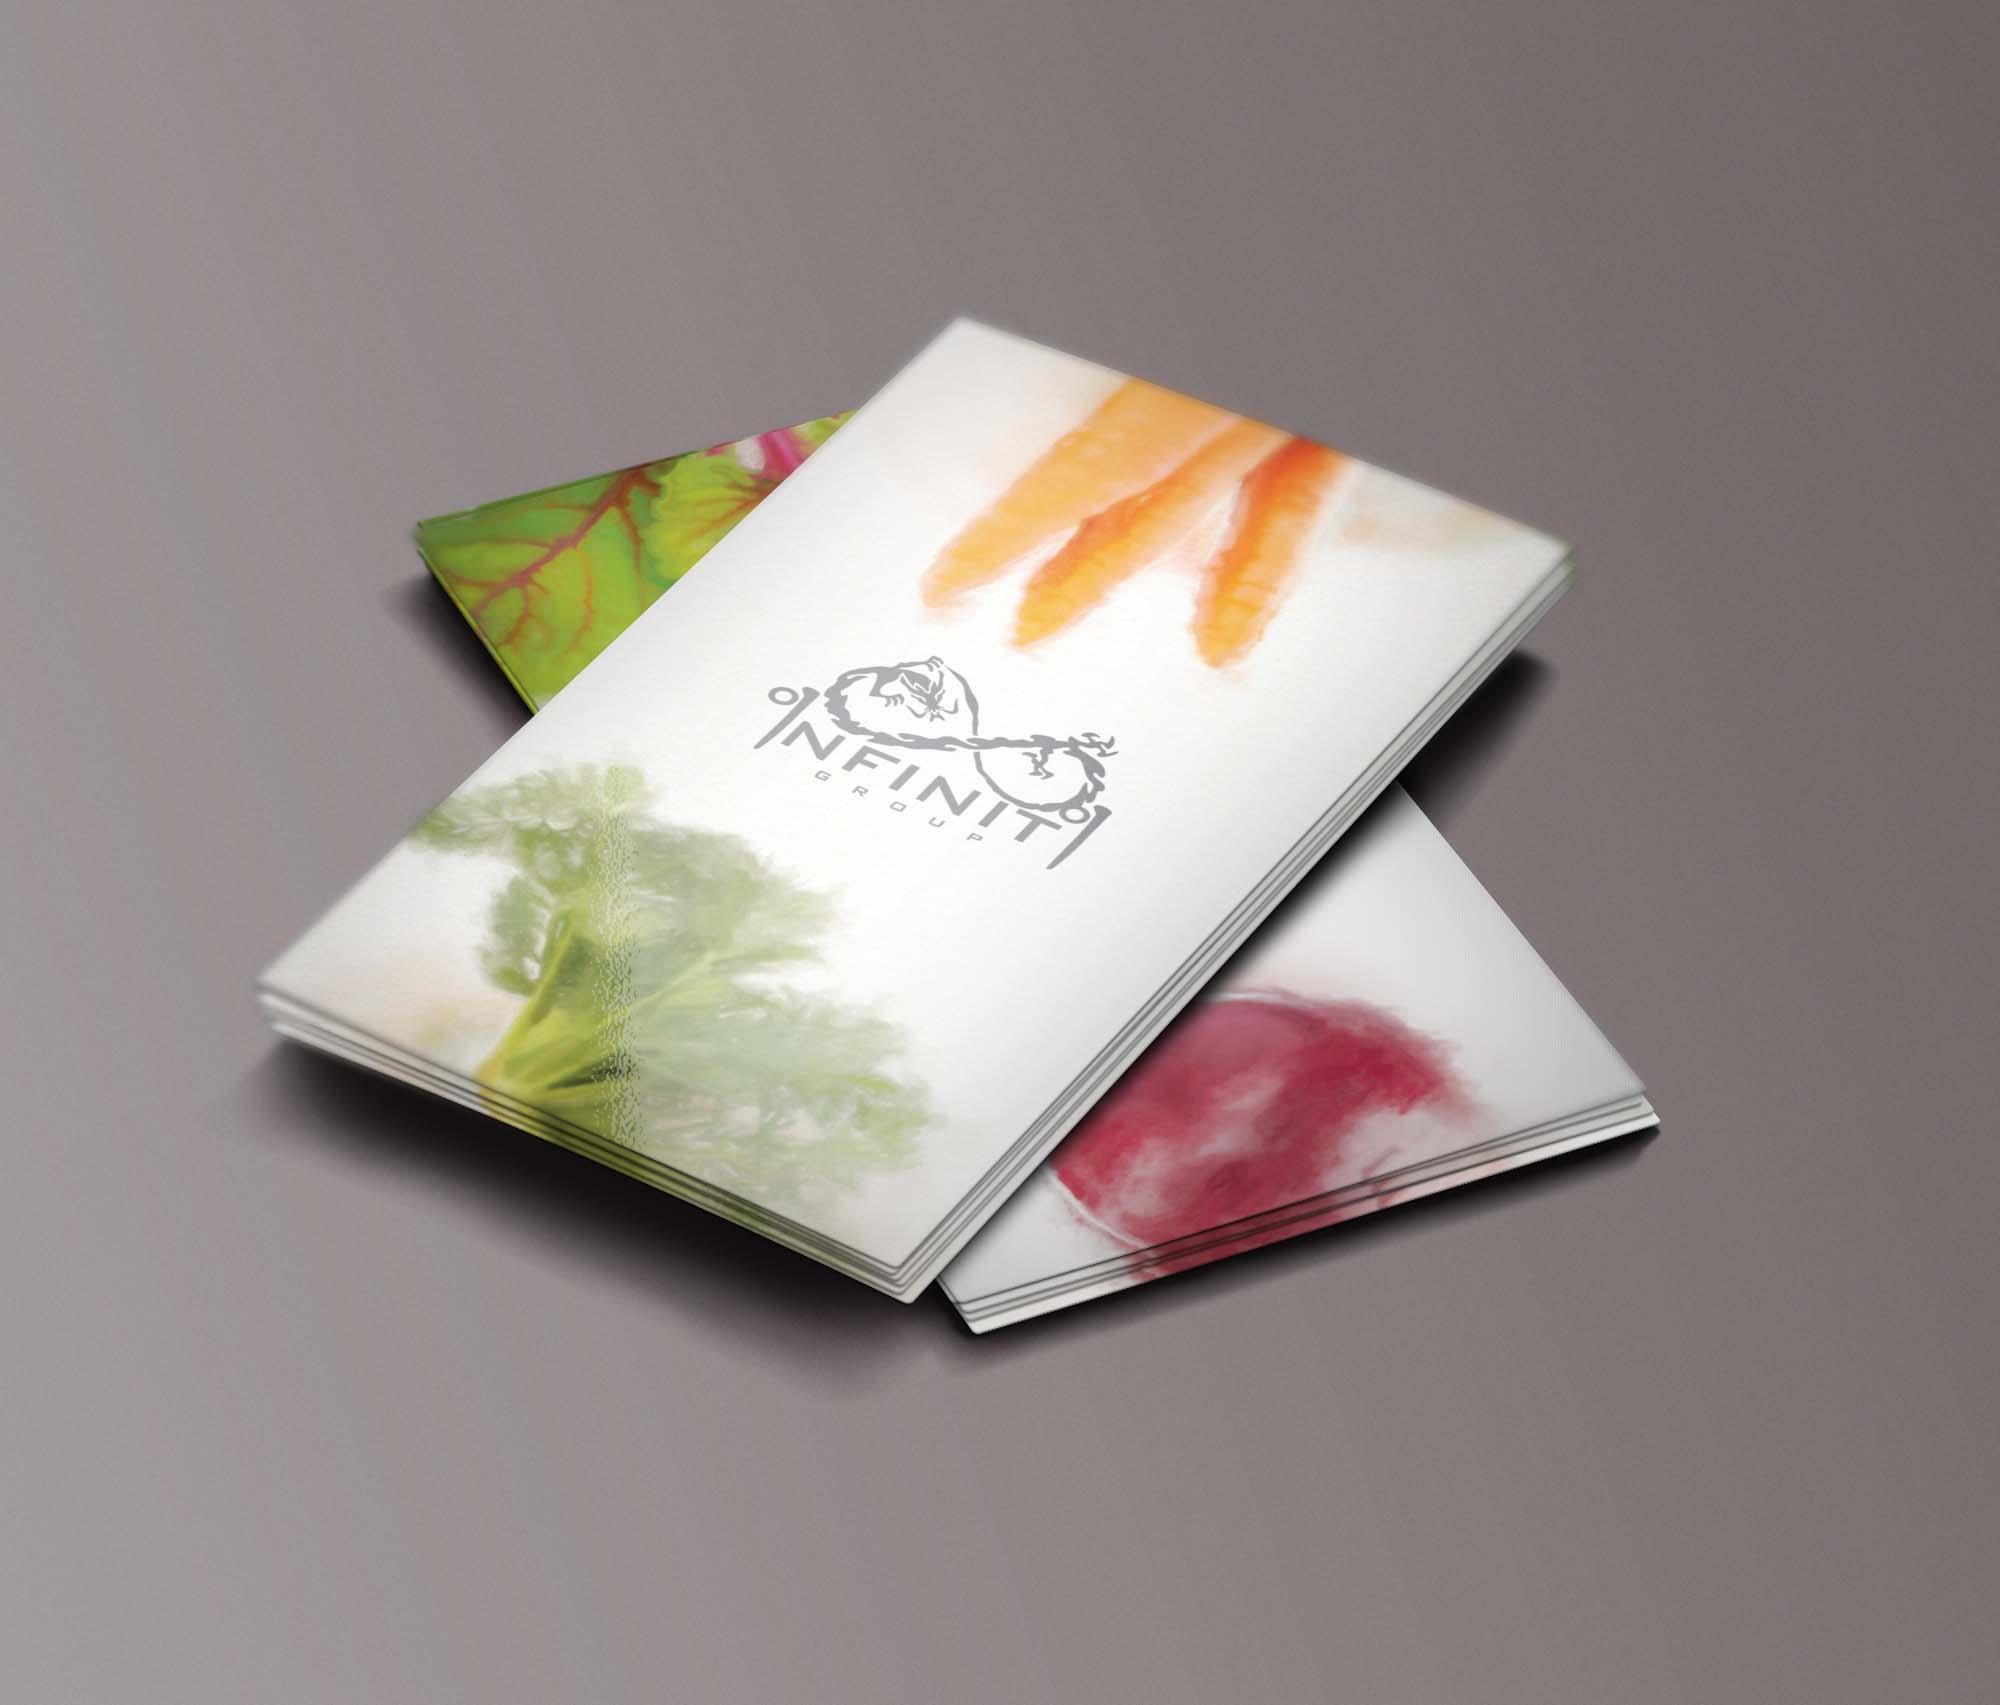 Требуется разработка дизайна визитки и карты доступа и т.п. фото f_88459106190af7e3.jpg